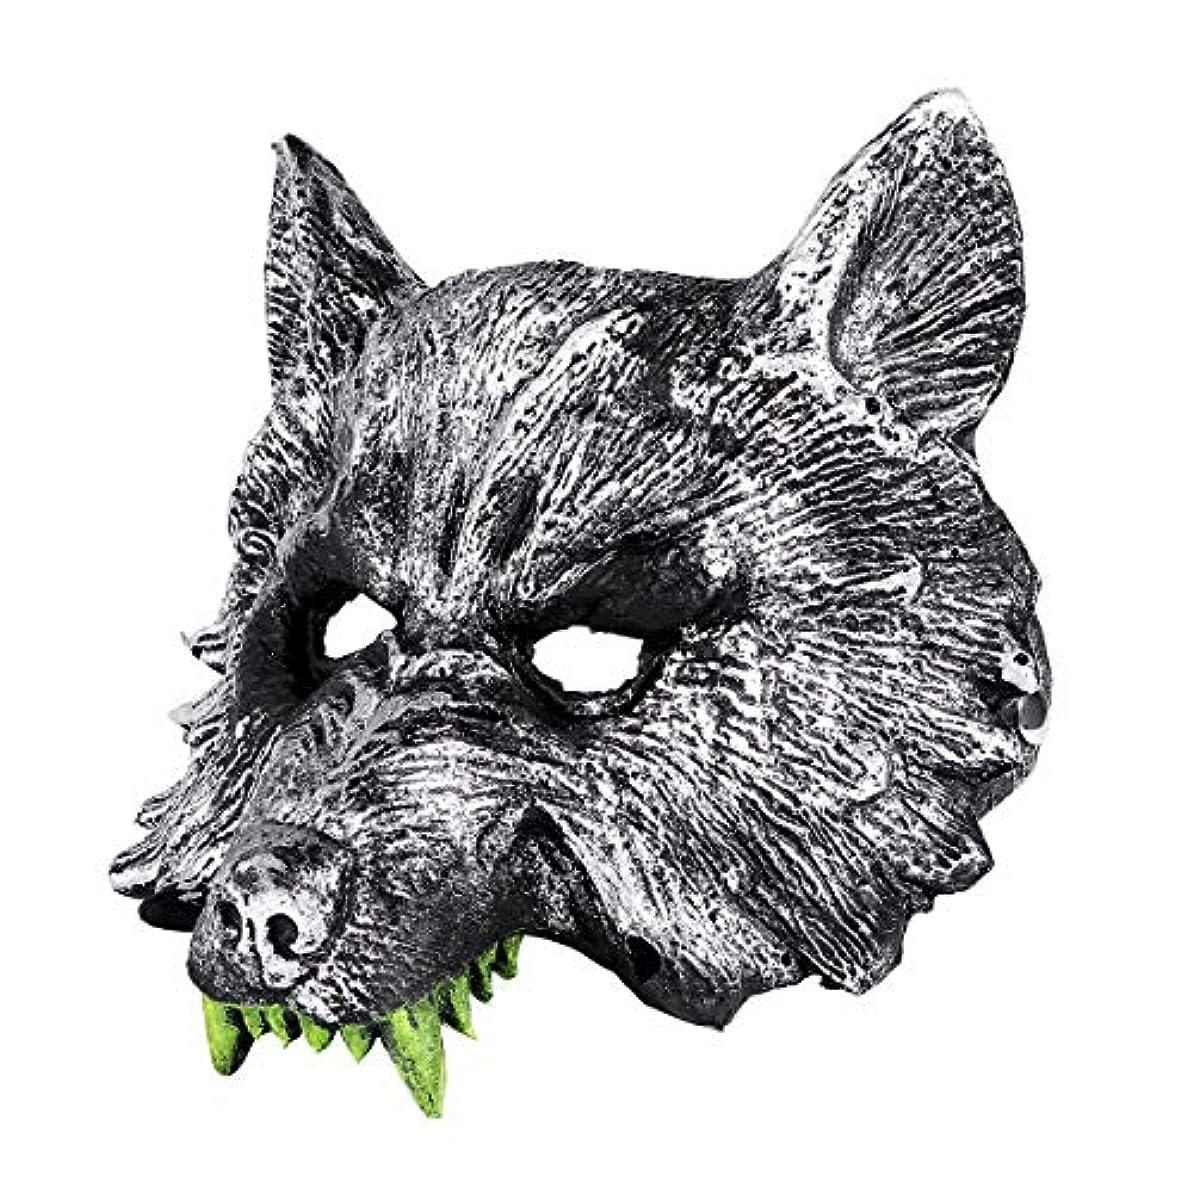 遅らせるもっと導出コスプレハロウィーン仮装のためのNUOLUX灰色オオカミヘッドマスクファンシードレスパーティー小道具